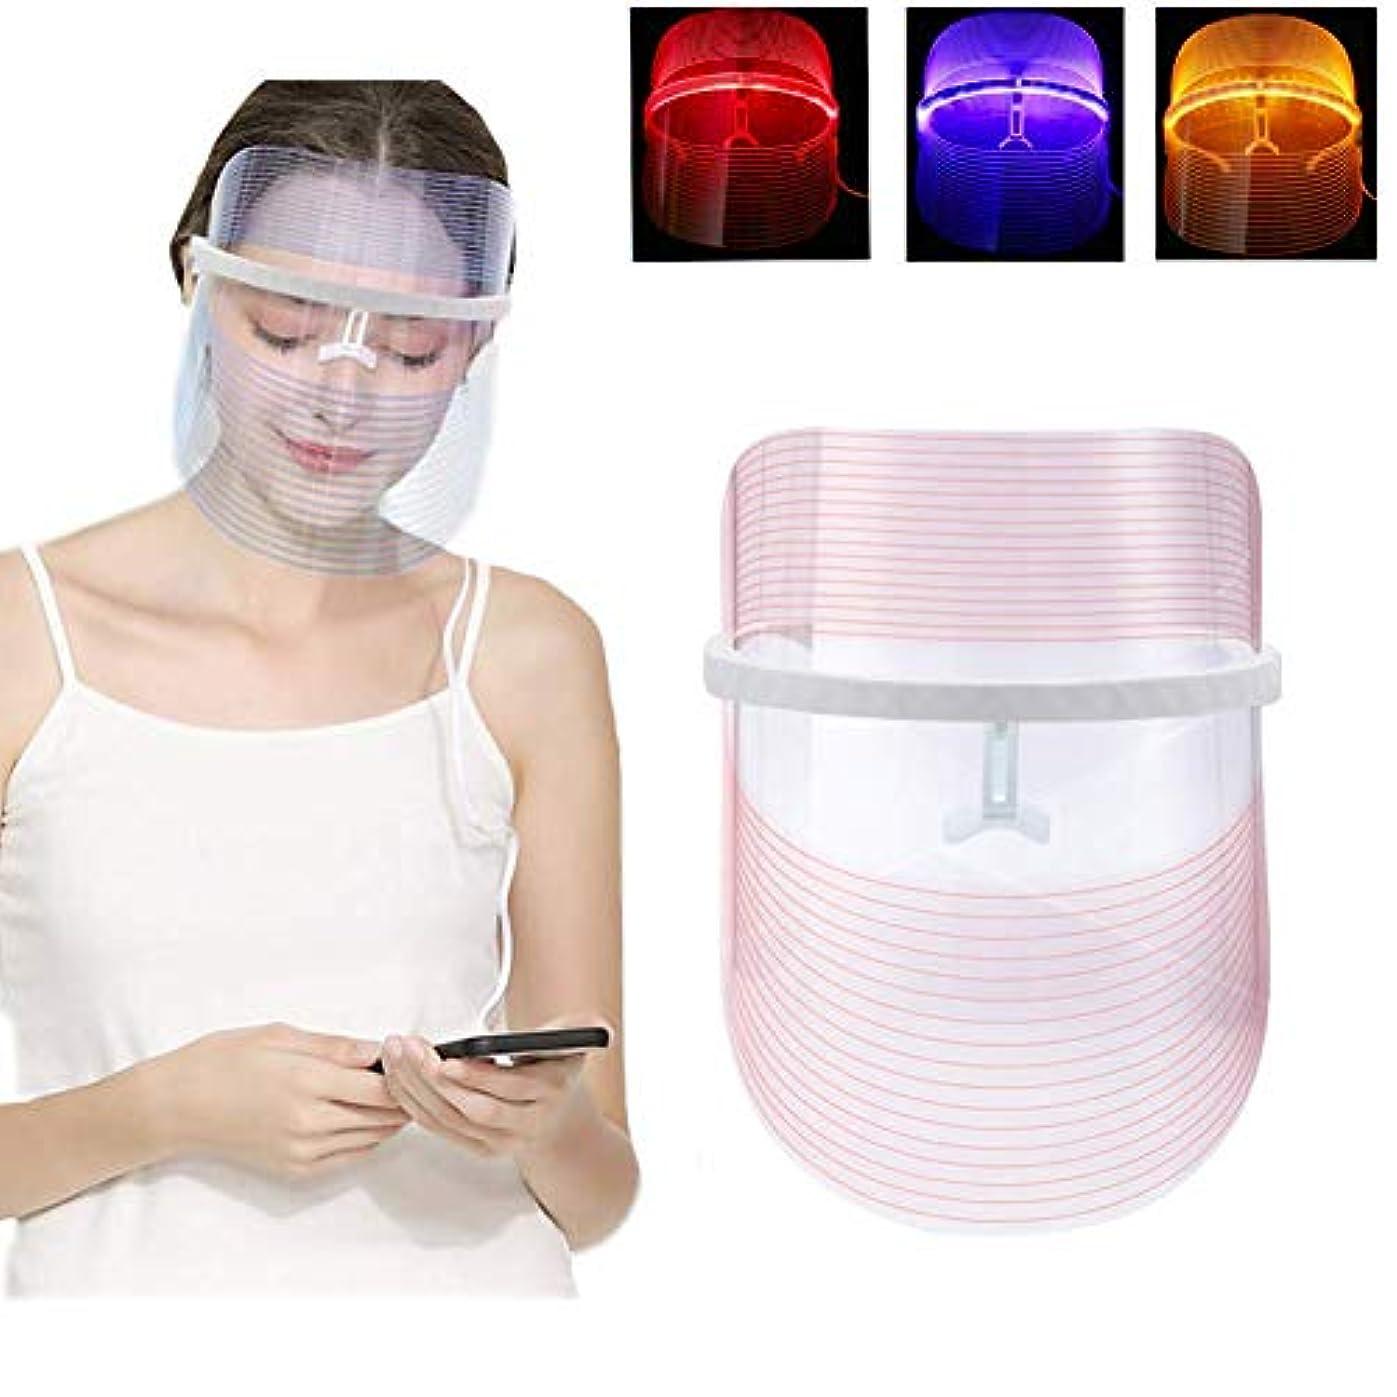 ステップモットーキリン3色LEDライト療法のフェイスマスクの美の器械の顔の鉱泉の処置装置の反アクネのしわの取り外し